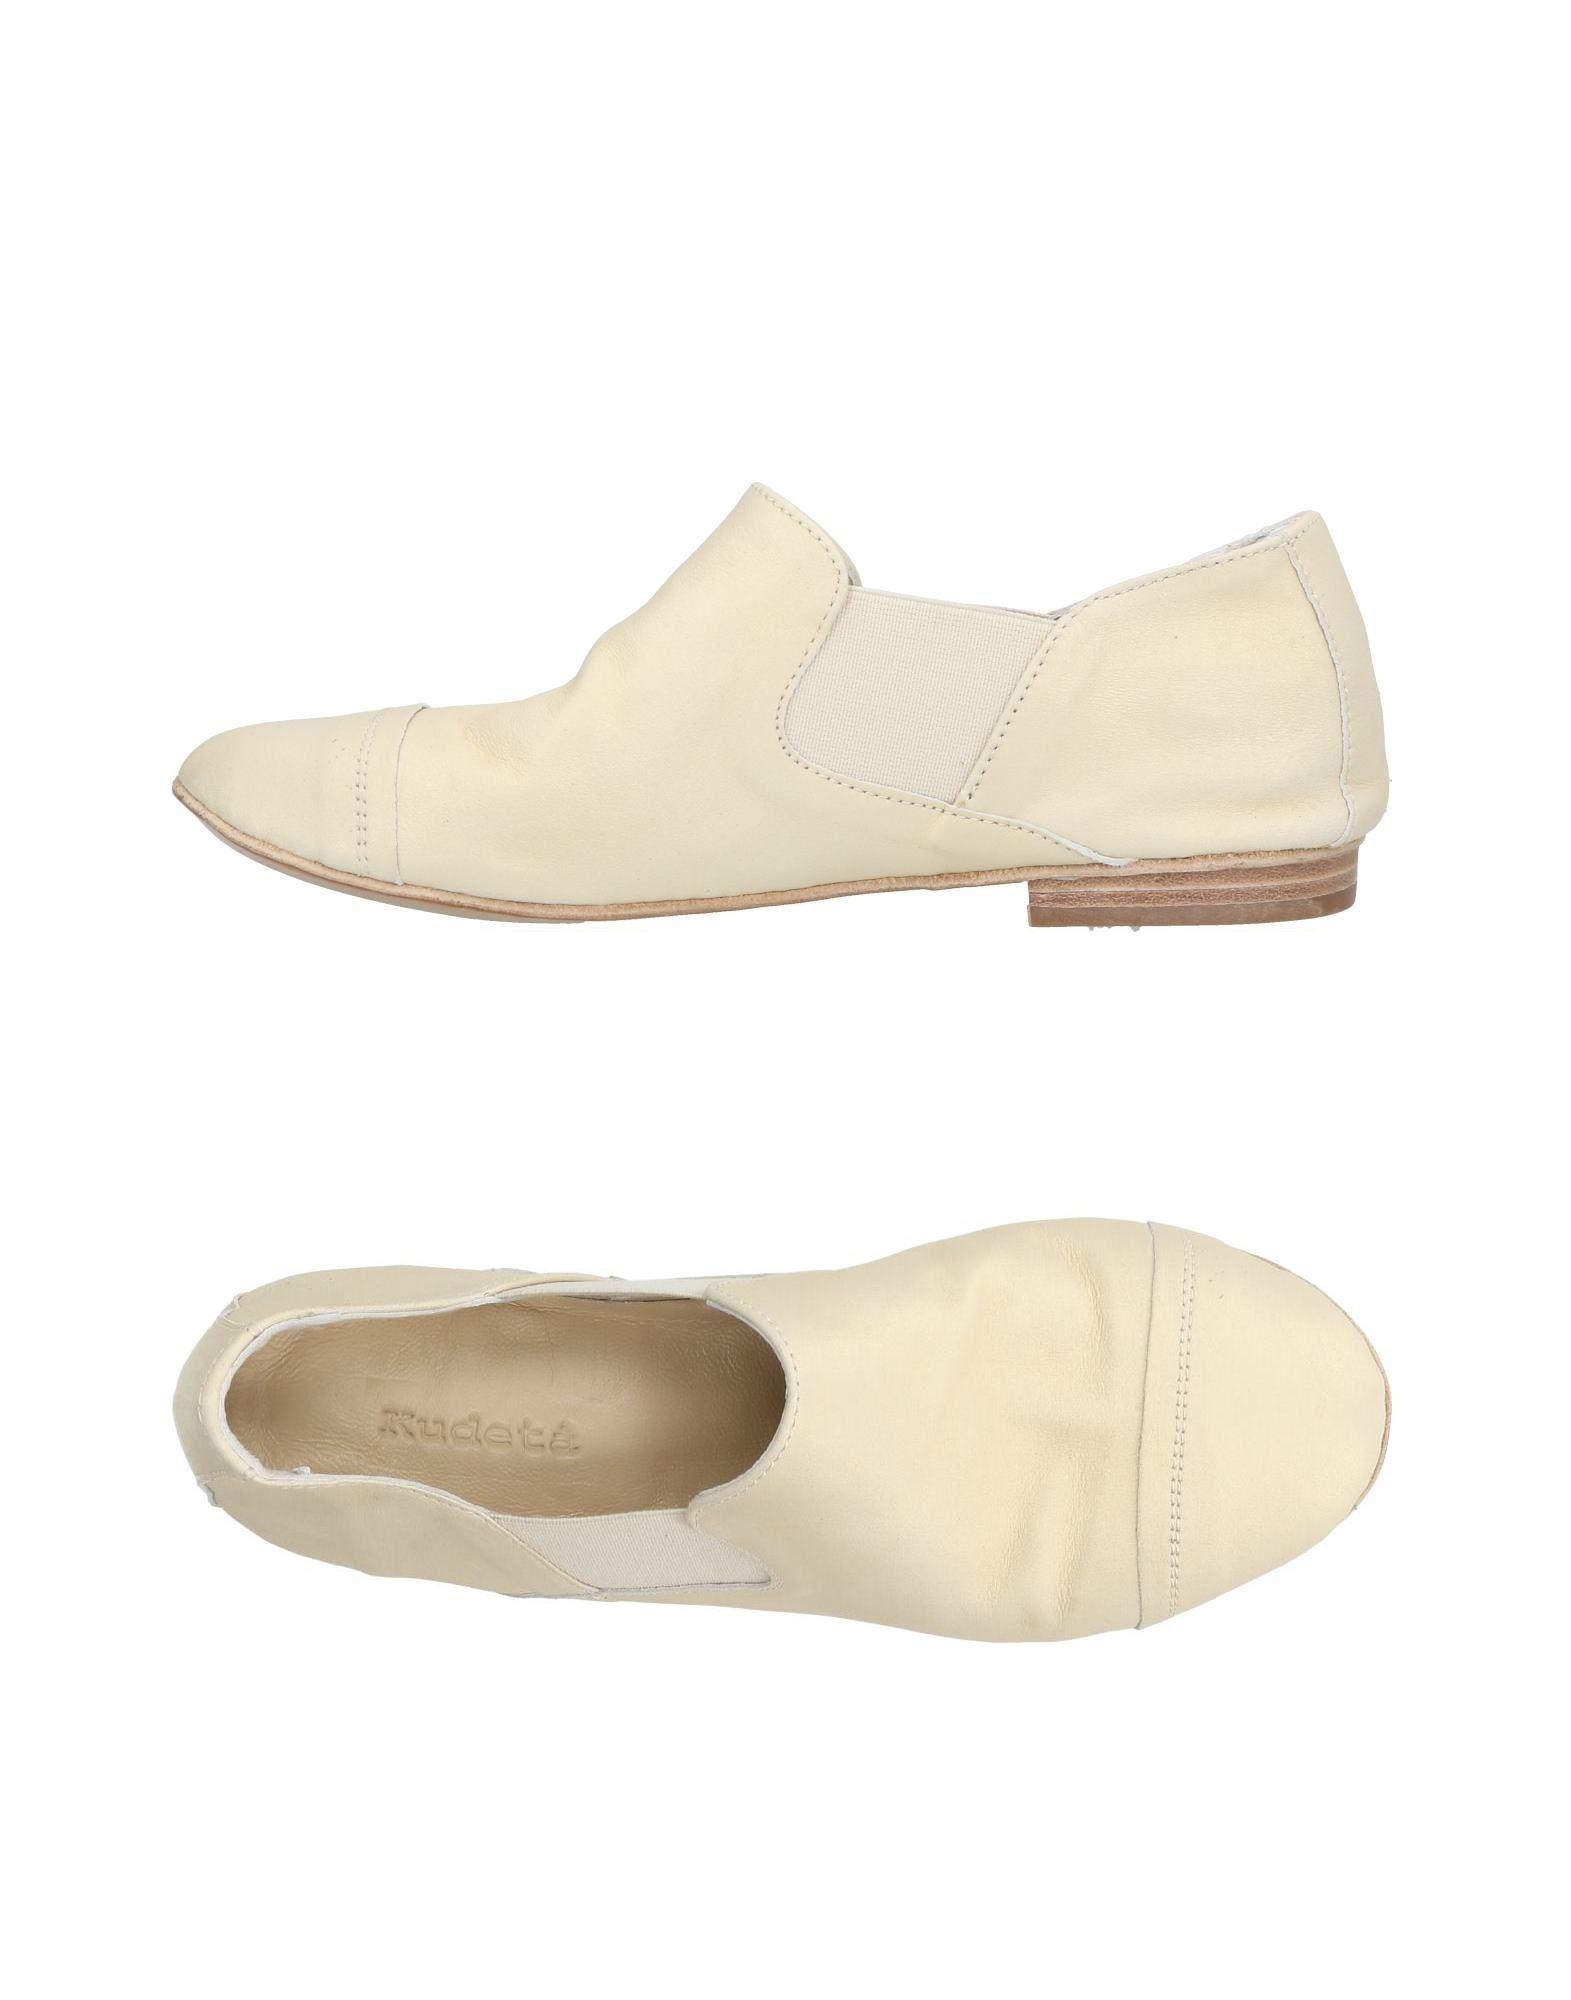 Kudetà Mokassins Damen  11434175QJ Gute Qualität beliebte Schuhe